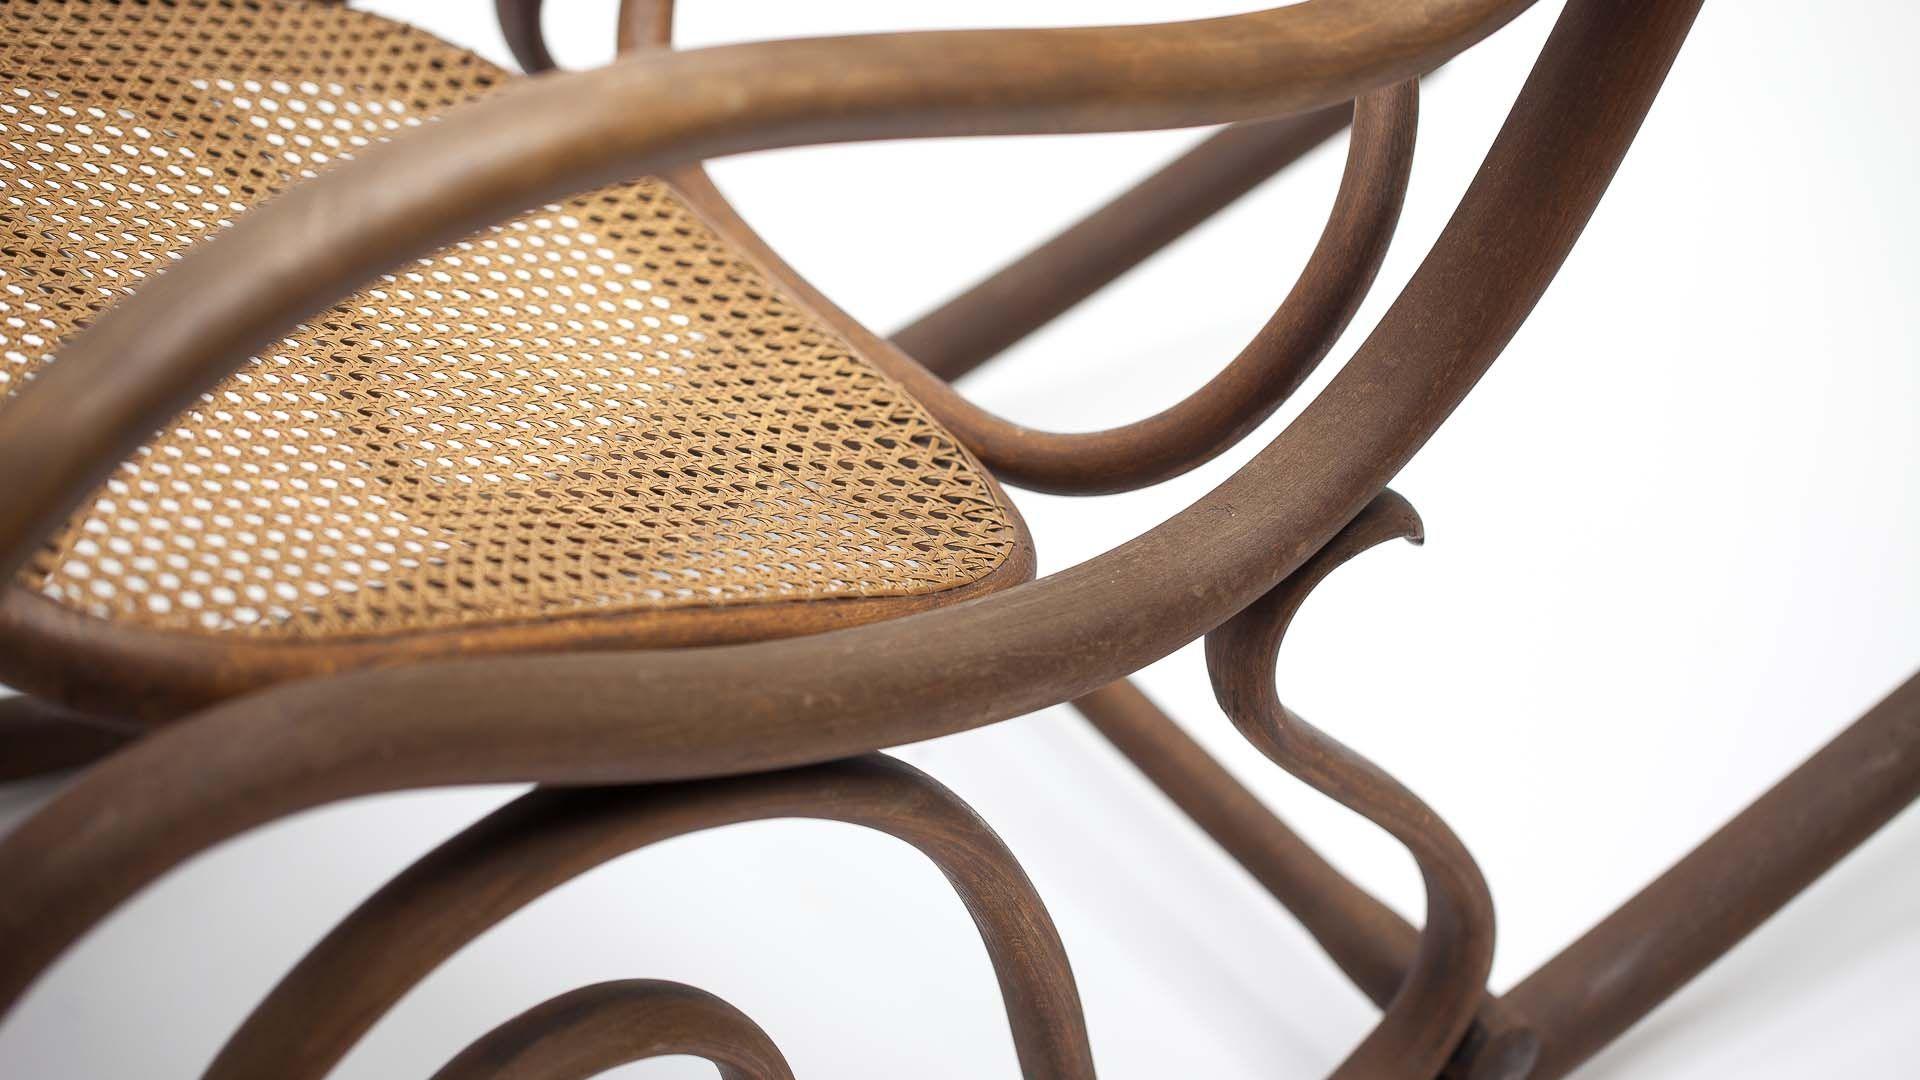 Antiker schaukelstuhl aus rohrgeflecht von michael thonet for Schaukelstuhl englisch